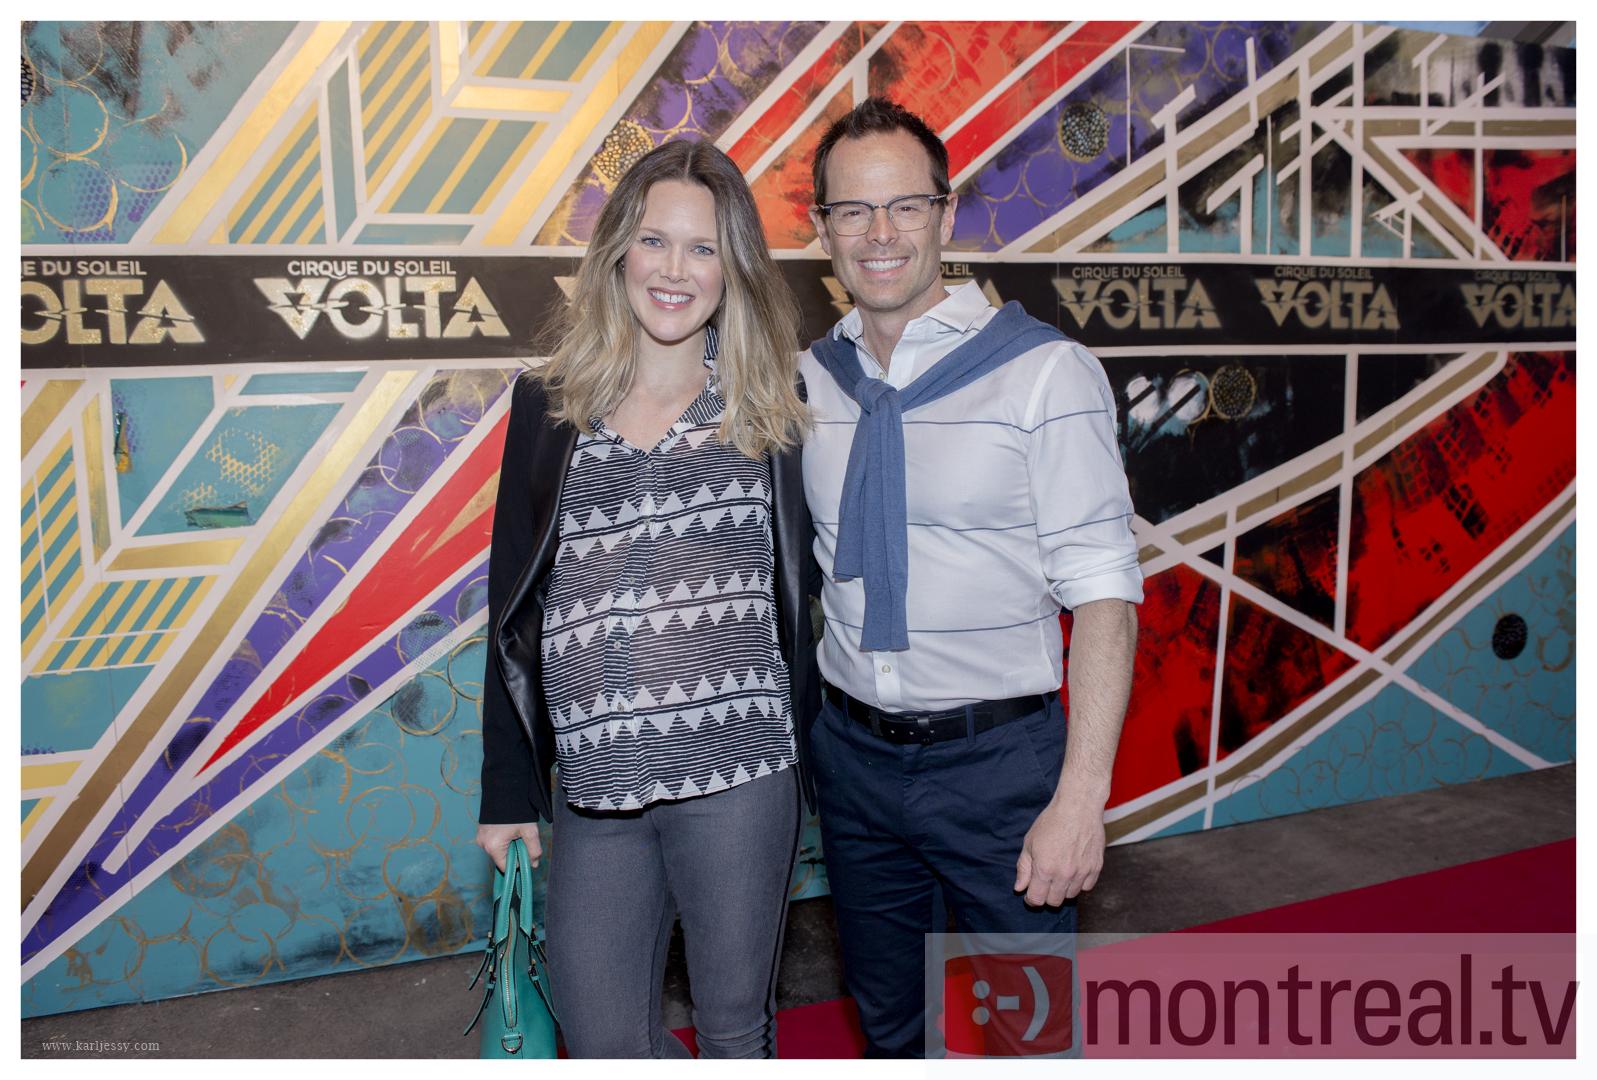 Jean Luc Brassard_VOLTA_RedCarpet_MontrealTV_VOLTA_RedCarpet_MontrealTV_